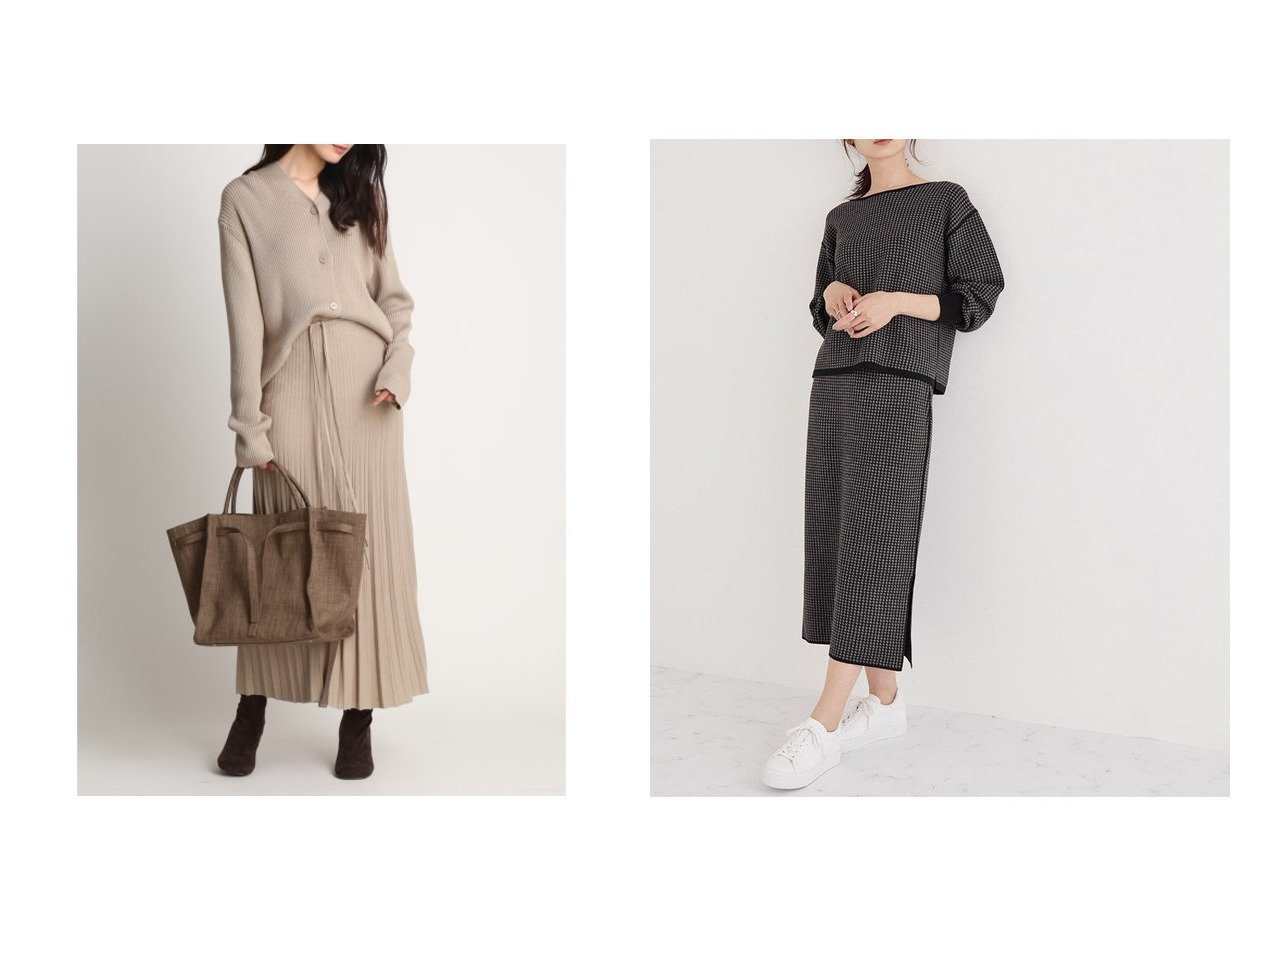 【ROPE/ロペ】の【20AW】8WAY千鳥柄ニットセットアップ&【Mila Owen/ミラオーウェン】のリブニットカーデSETUP ワンピース・ドレスのおすすめ!人気、レディースファッションの通販 おすすめで人気のファッション通販商品 インテリア・家具・キッズファッション・メンズファッション・レディースファッション・服の通販 founy(ファニー) https://founy.com/ ファッション Fashion レディース WOMEN トップス Tops Tshirt ニット Knit Tops セットアップ Setup トップス Tops カーディガン スマート セットアップ プリーツ リボン 秋冬 A/W Autumn/ Winter アクセサリー リバーシブル 無地 |ID:crp329100000001871